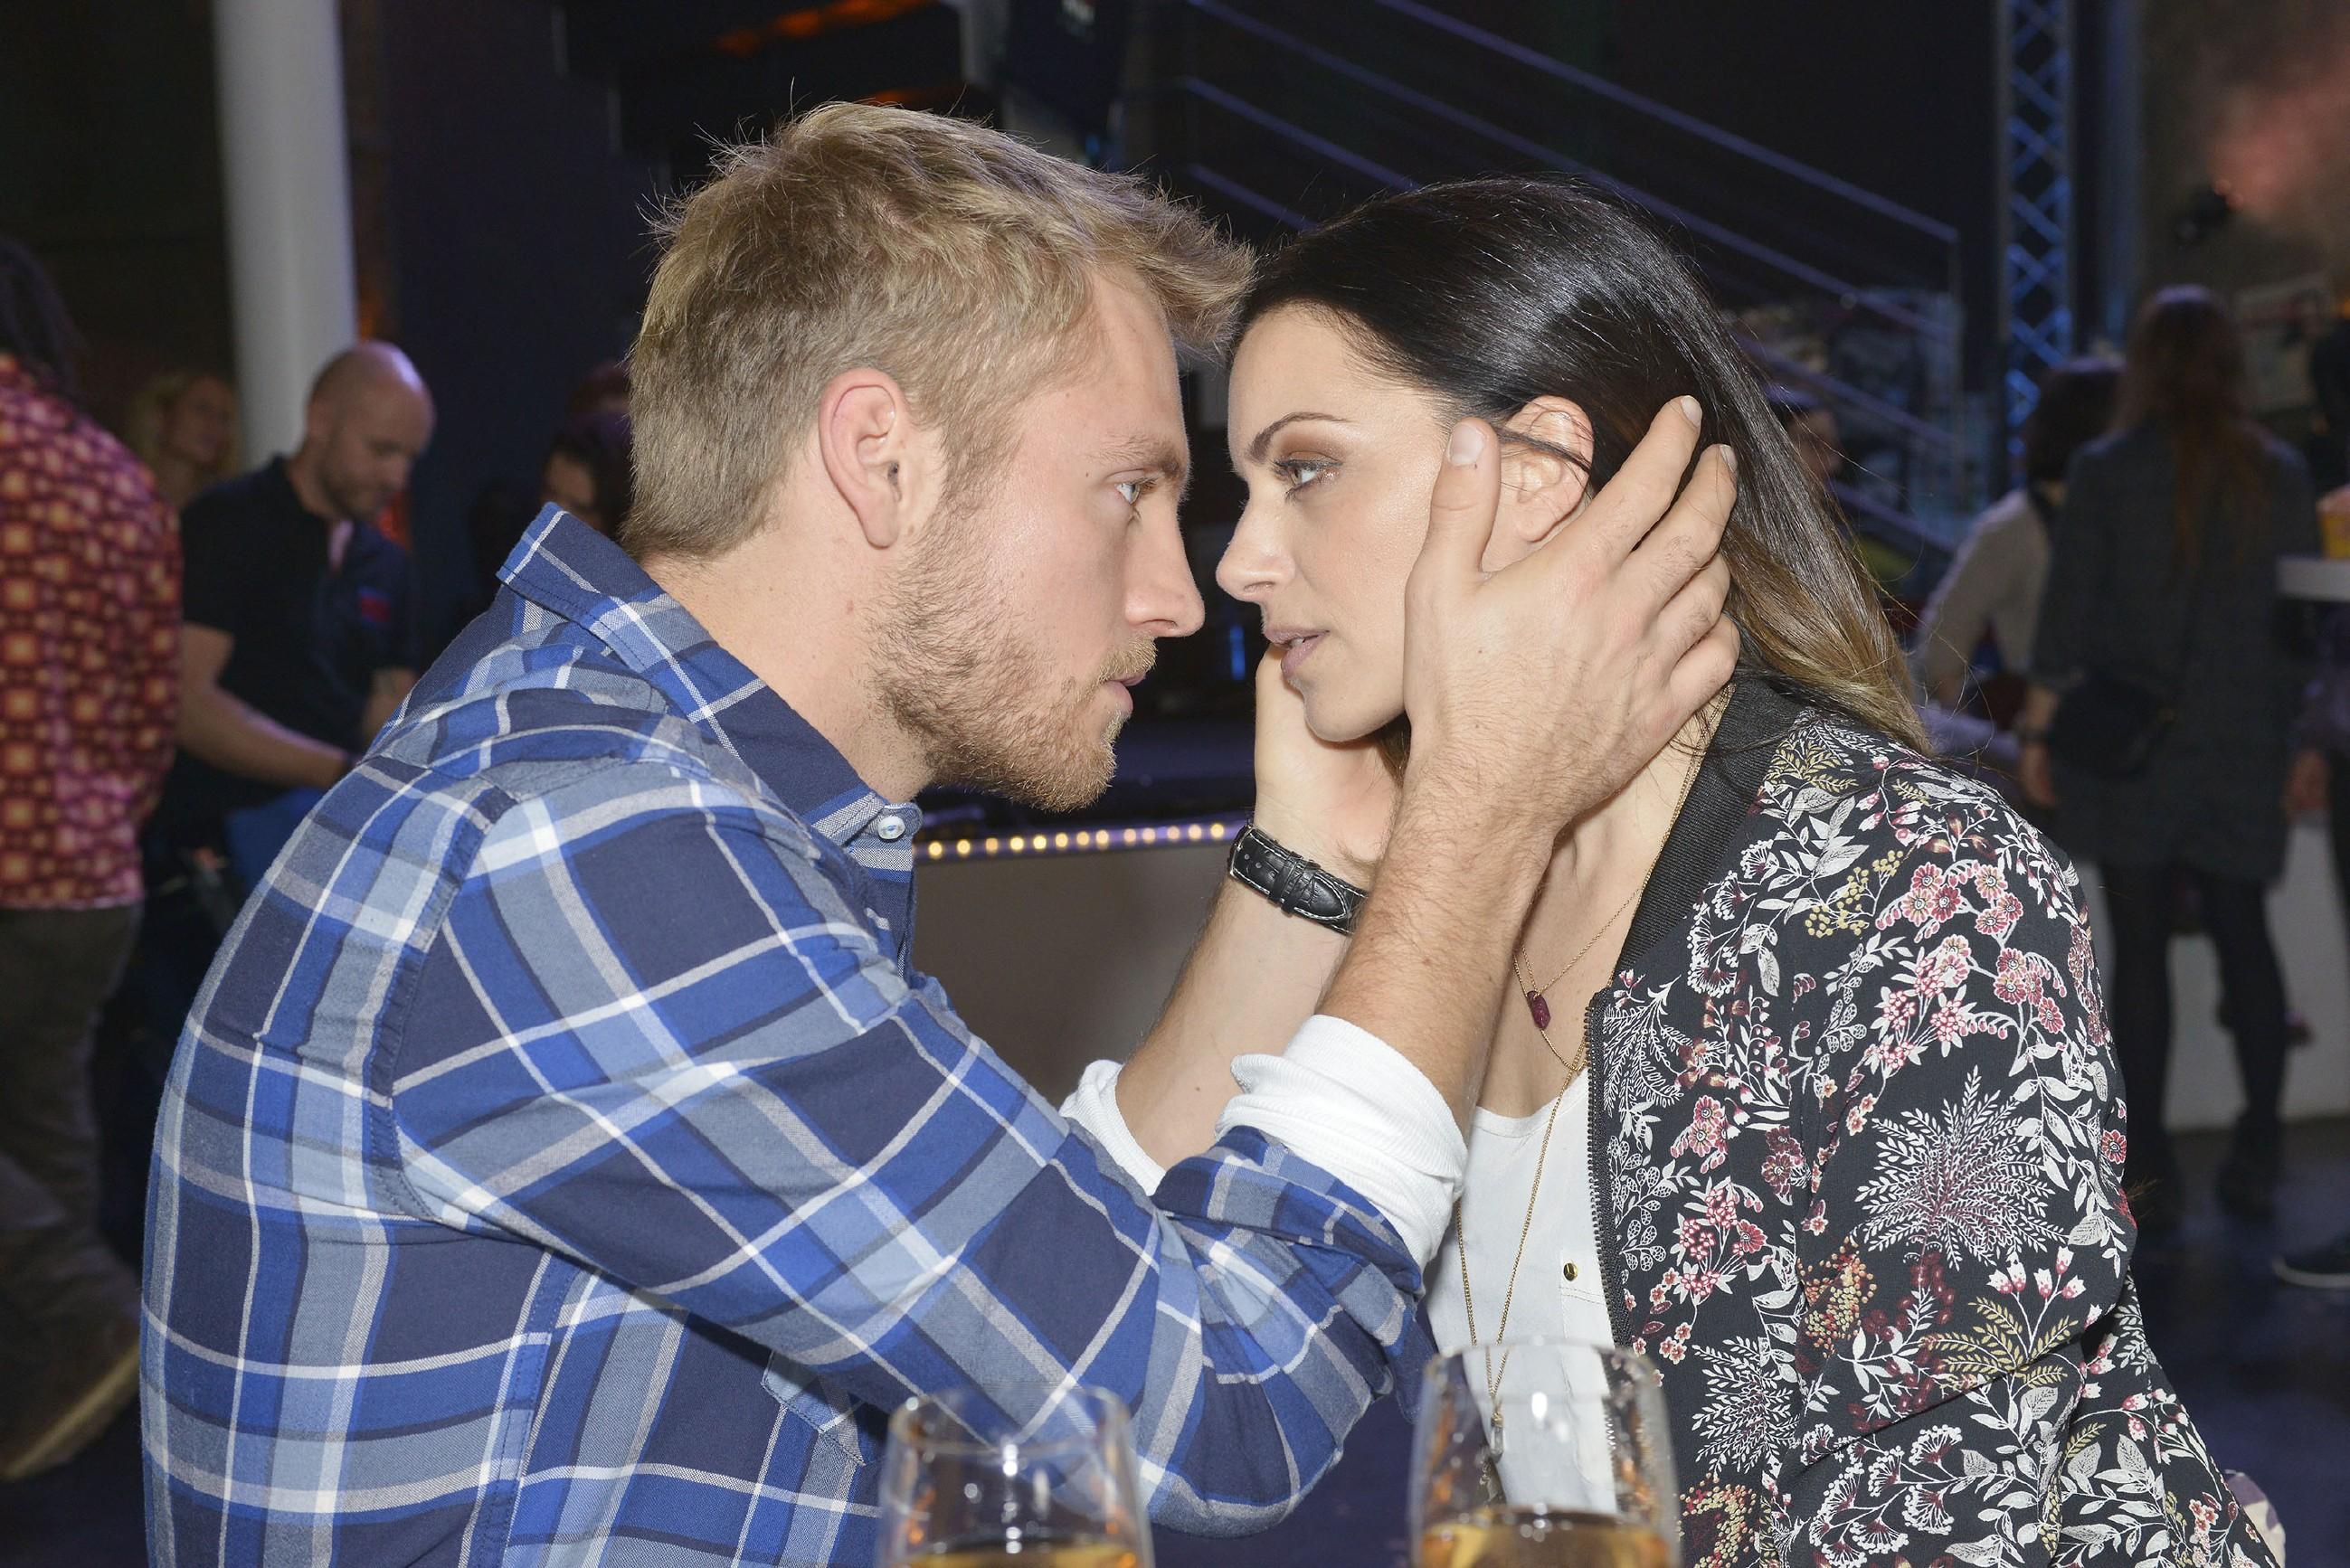 Um Eva endgültig aus der Reserve zu locken, verlangt Emily (Anne Menden), dass Paul (Niklas Osterloh) sie küsst - und auf einmal ist alles um sie herum vergessen und die beiden erleben einen magischen Moment... (Quelle: RTL / Rolf Baumgartner)